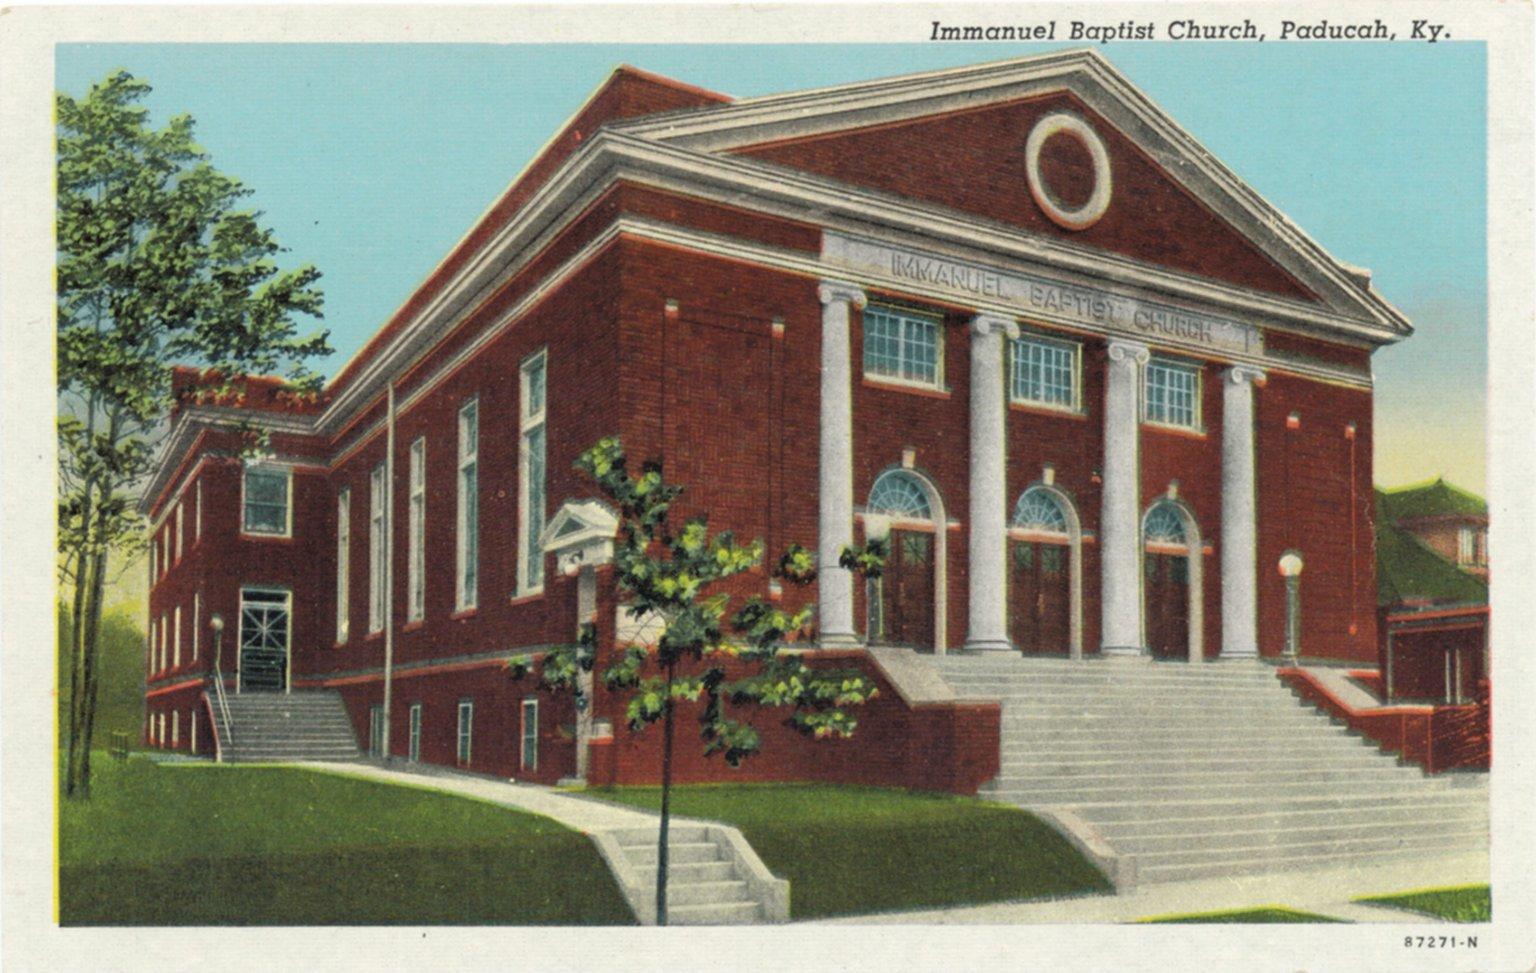 Immanuel Baptist Church, Paducah, Ky.